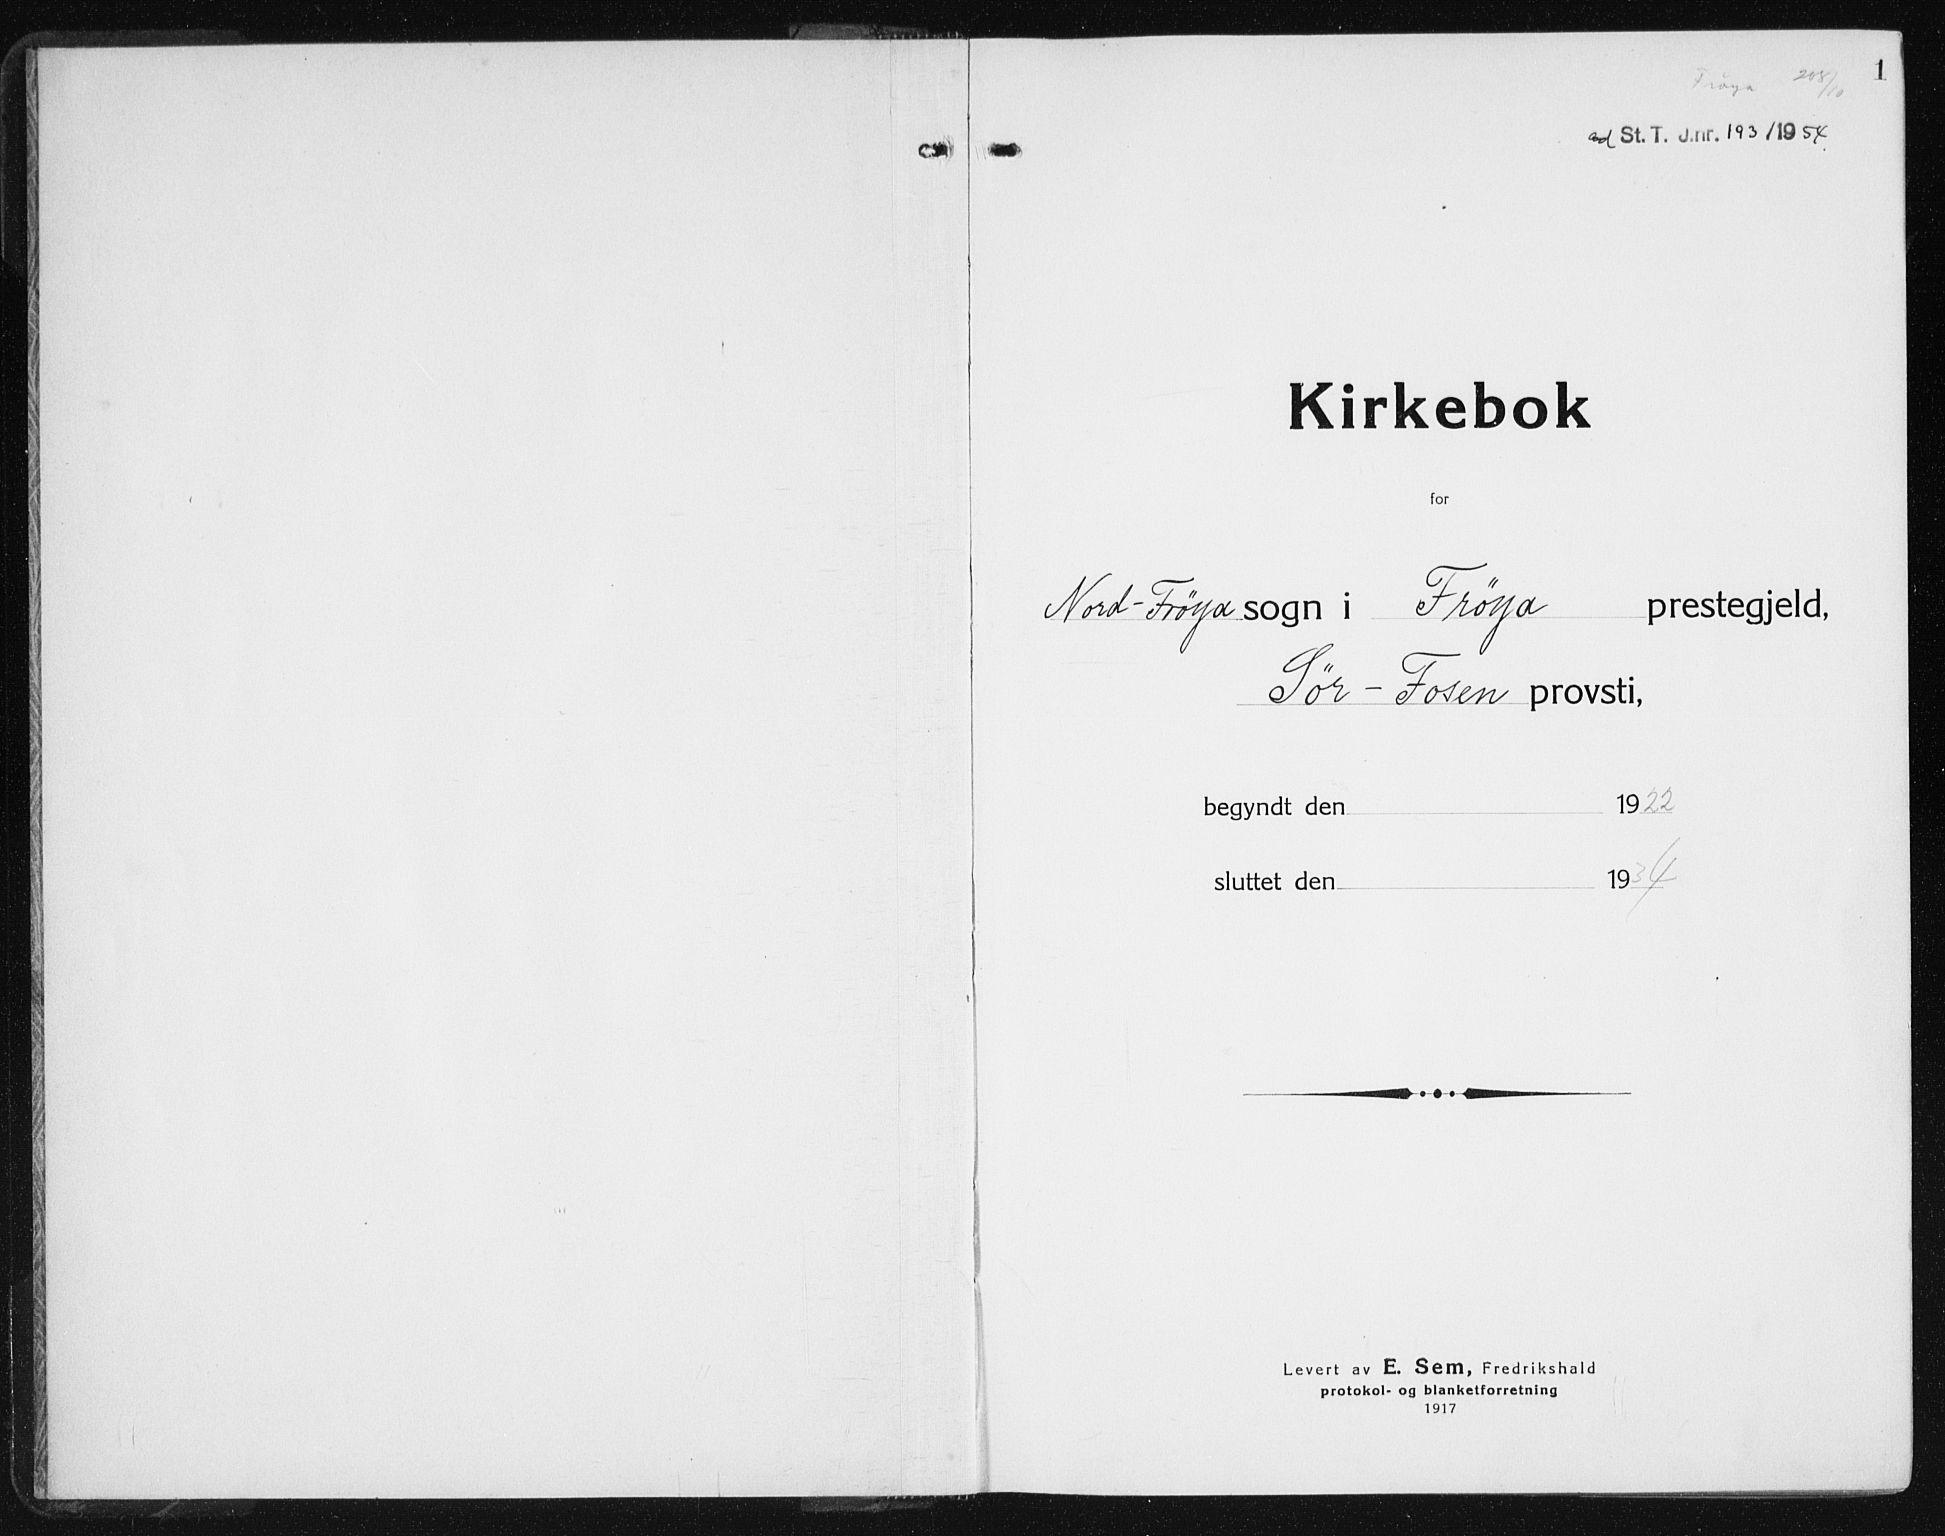 SAT, Ministerialprotokoller, klokkerbøker og fødselsregistre - Sør-Trøndelag, 640/L0589: Klokkerbok nr. 640C06, 1922-1934, s. 1